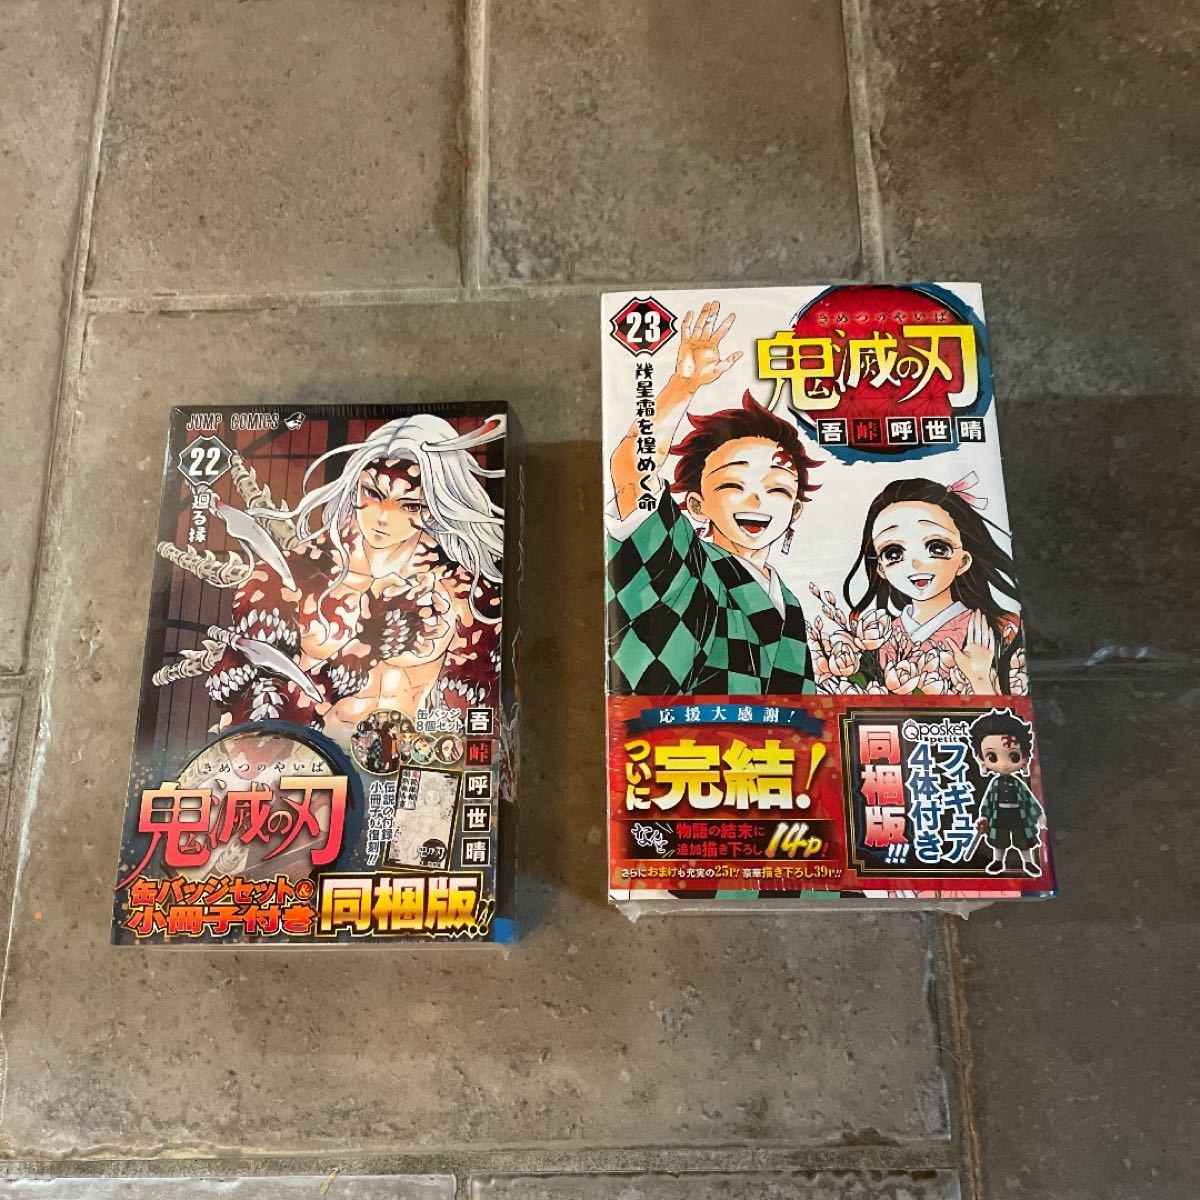 鬼滅の刃 22巻 缶バッチセット&小冊子付同梱版、23巻 フィギュア付同梱版